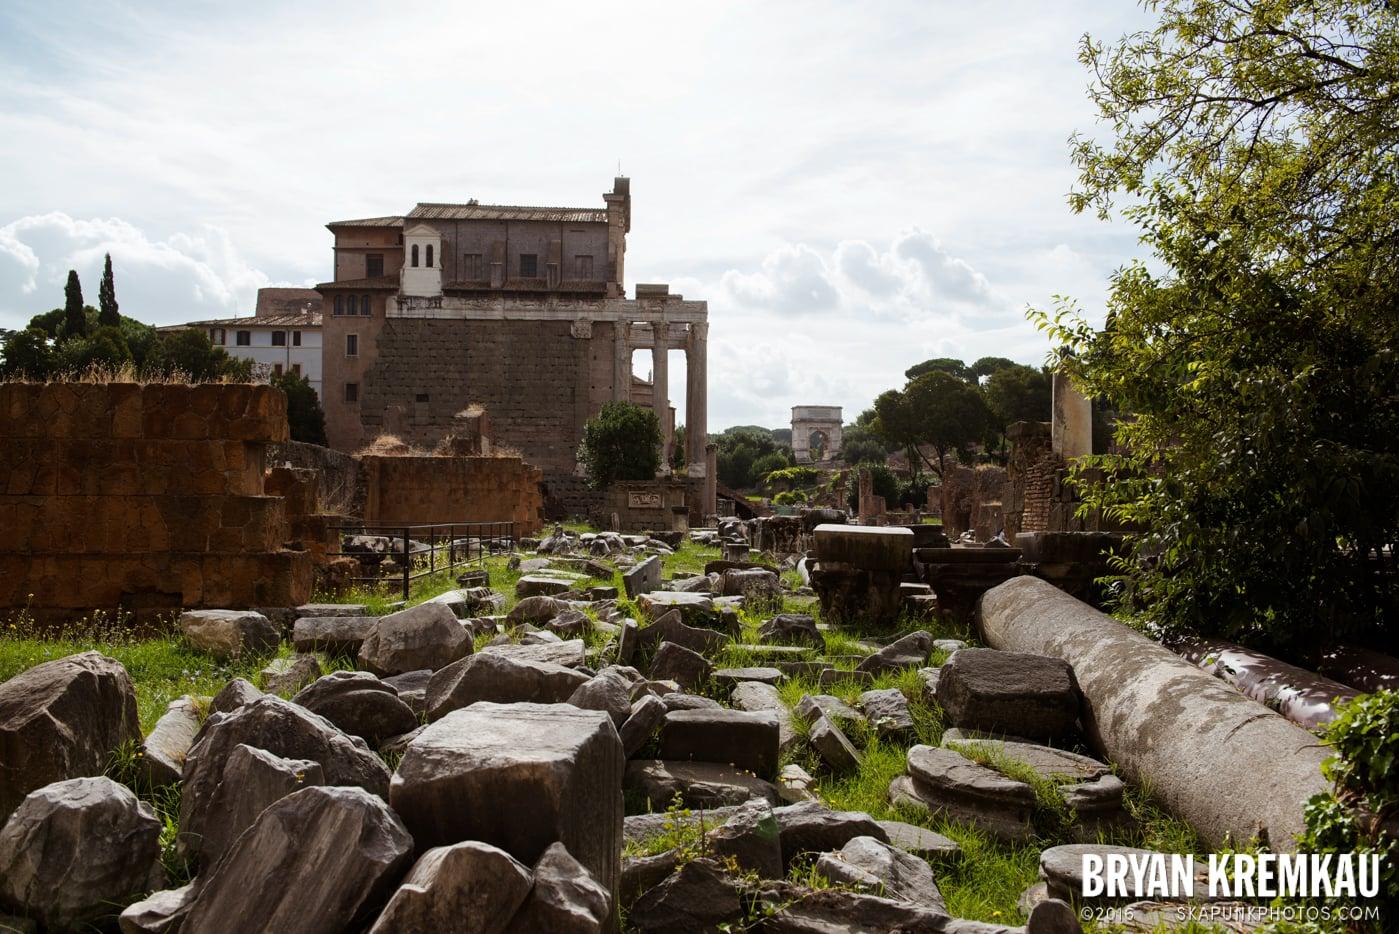 Italy Vacation - Day 2: Rome - 9.10.13 (114)